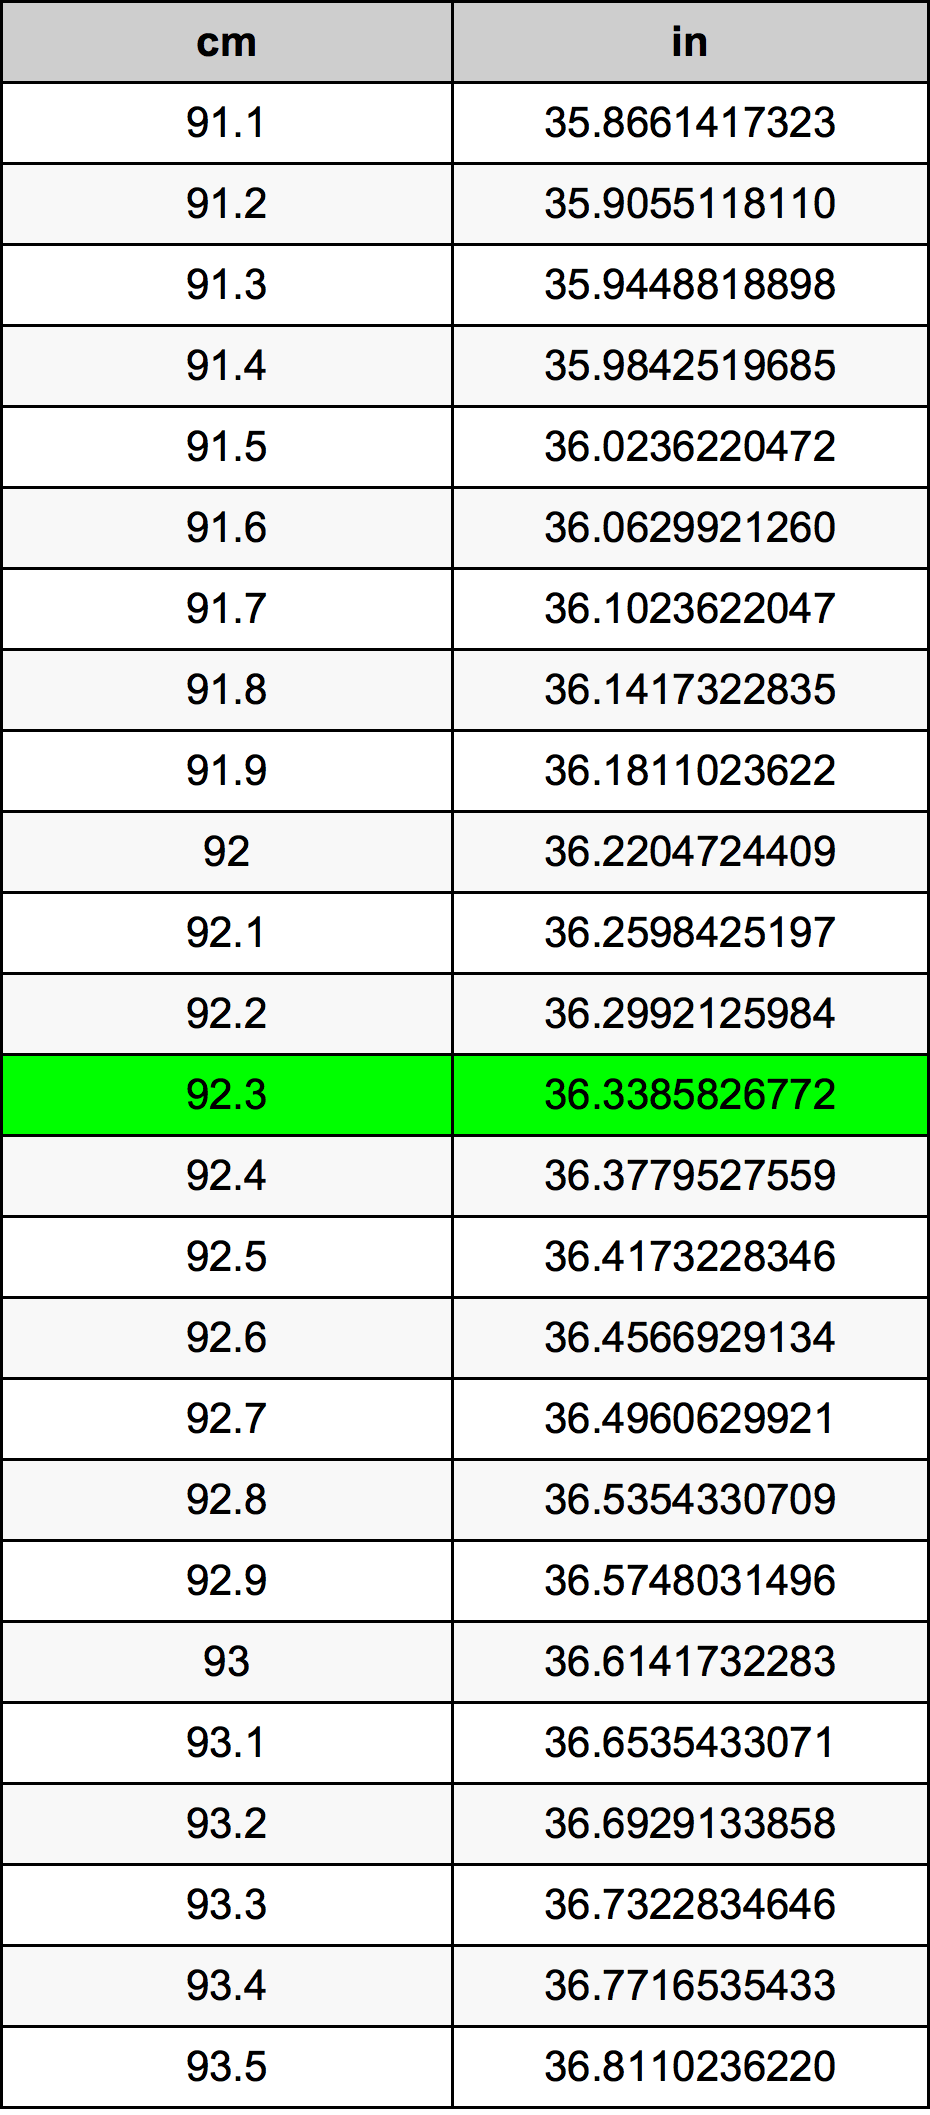 92.3 厘米换算表